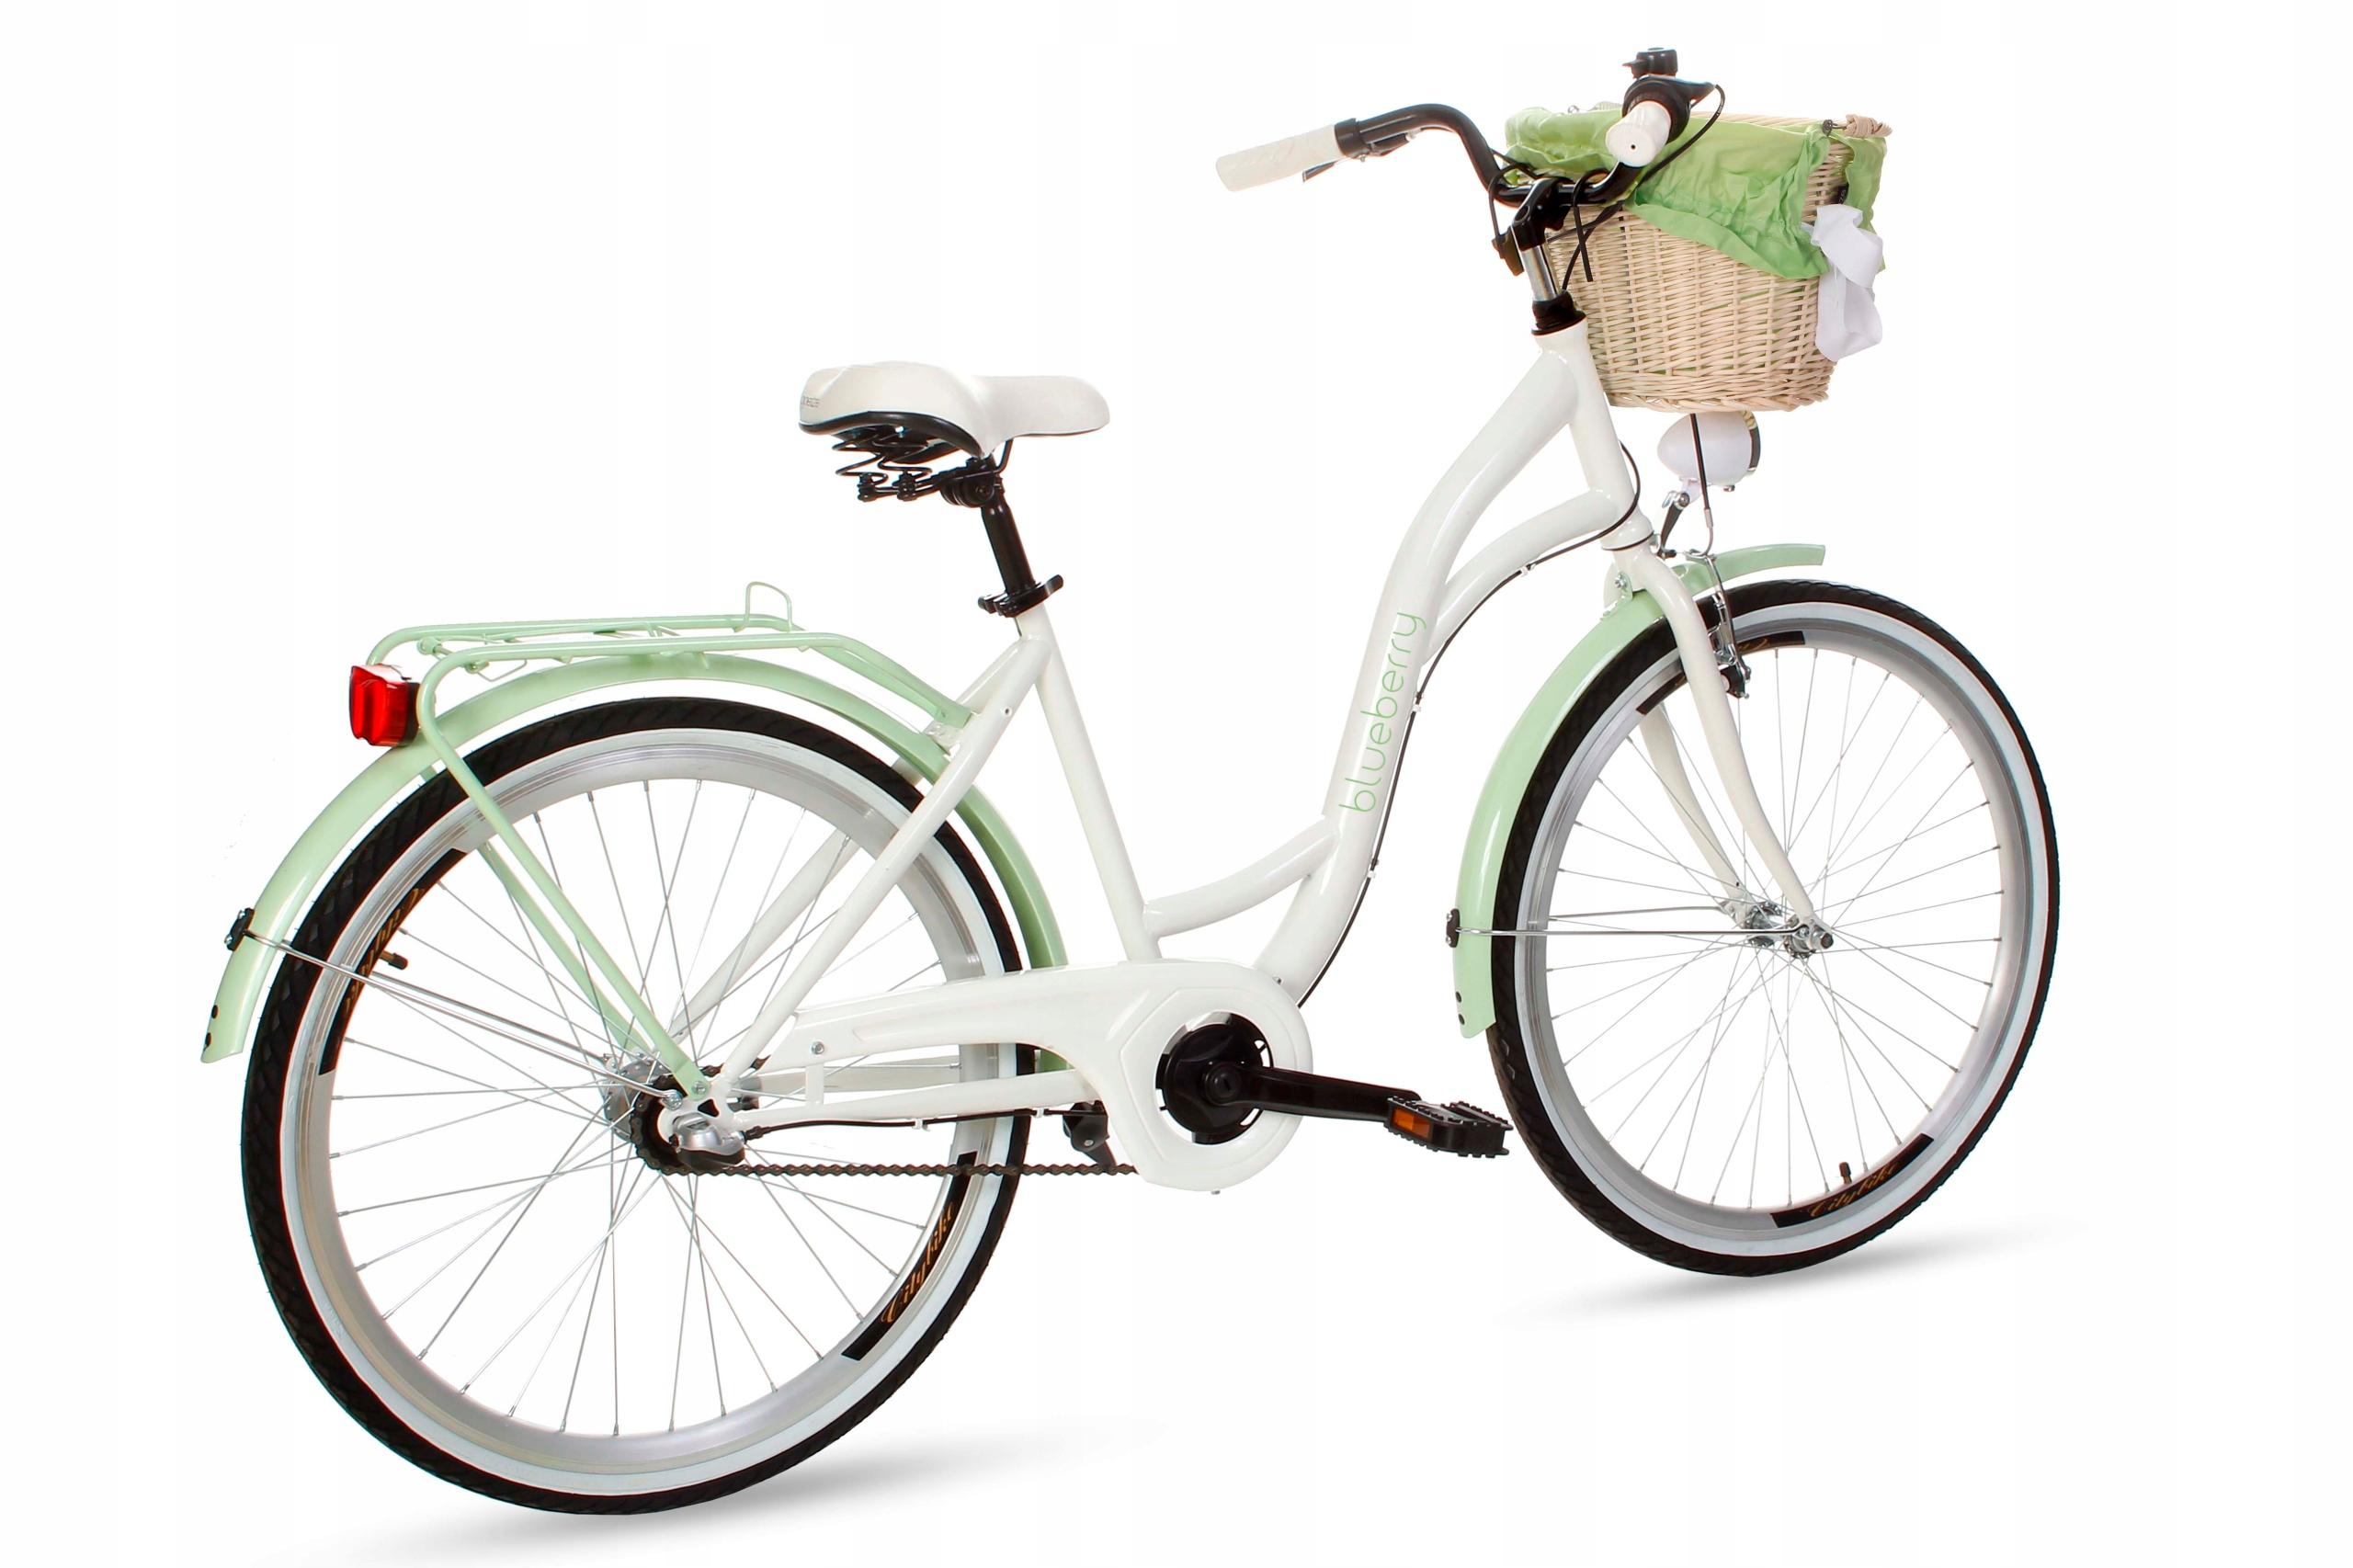 Dámsky mestský bicykel Goetze BLUEBERRY 26 3b košík!  Materiál rámu oceľ